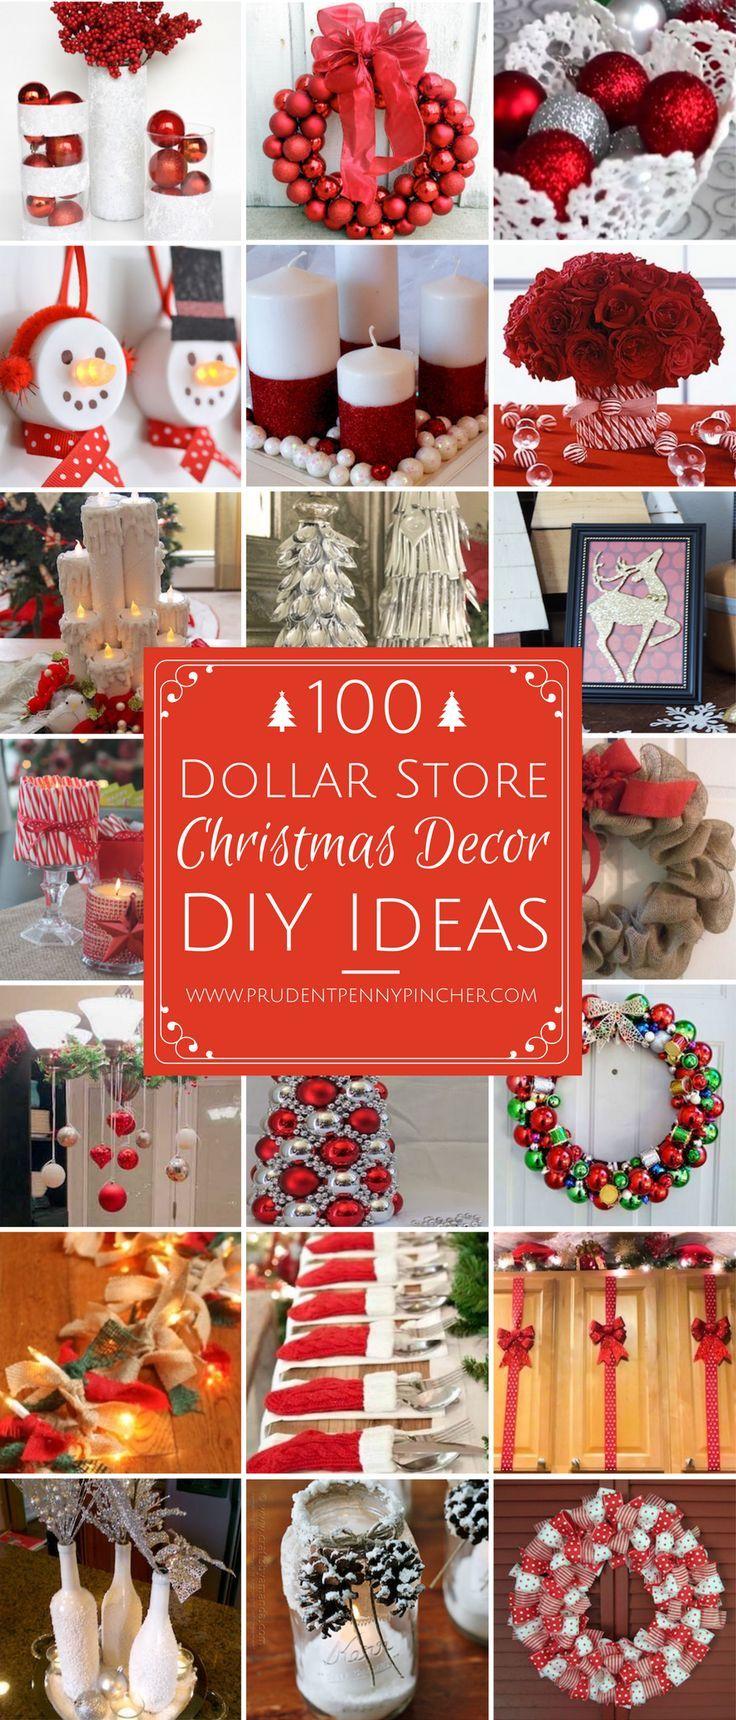 Dollar Tree DIY Stocking Hangers Diy stockings, Stocking